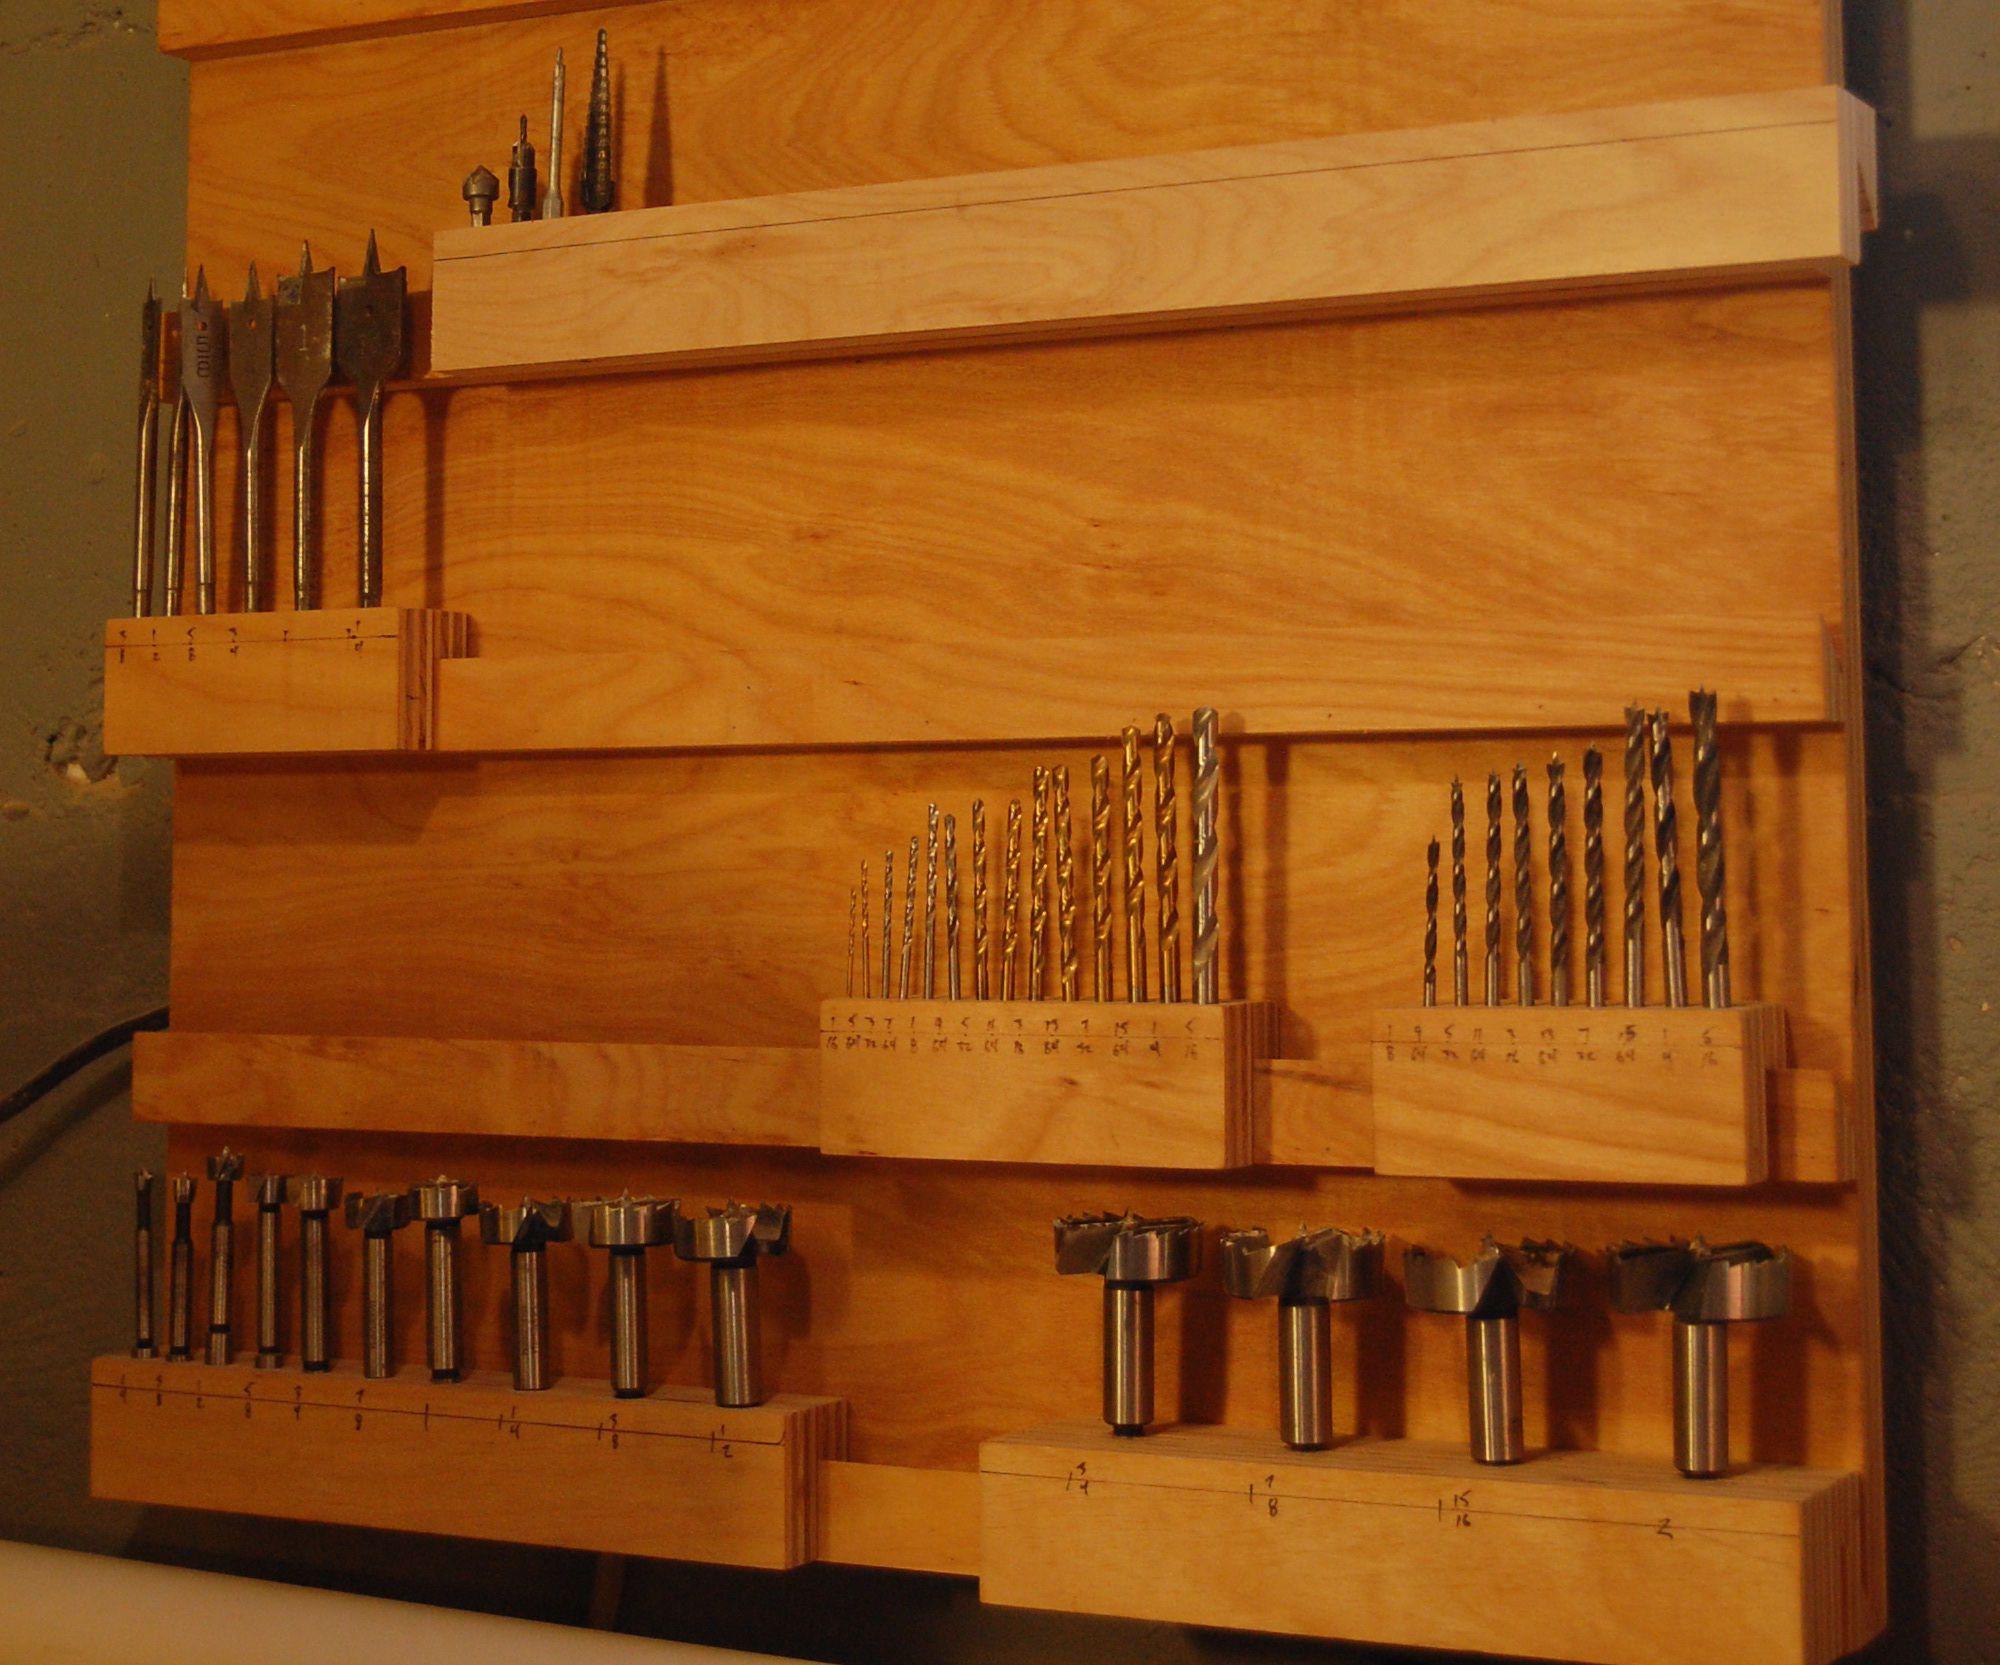 The Drill Bit Rack Garage Storage Wood Drill Bits